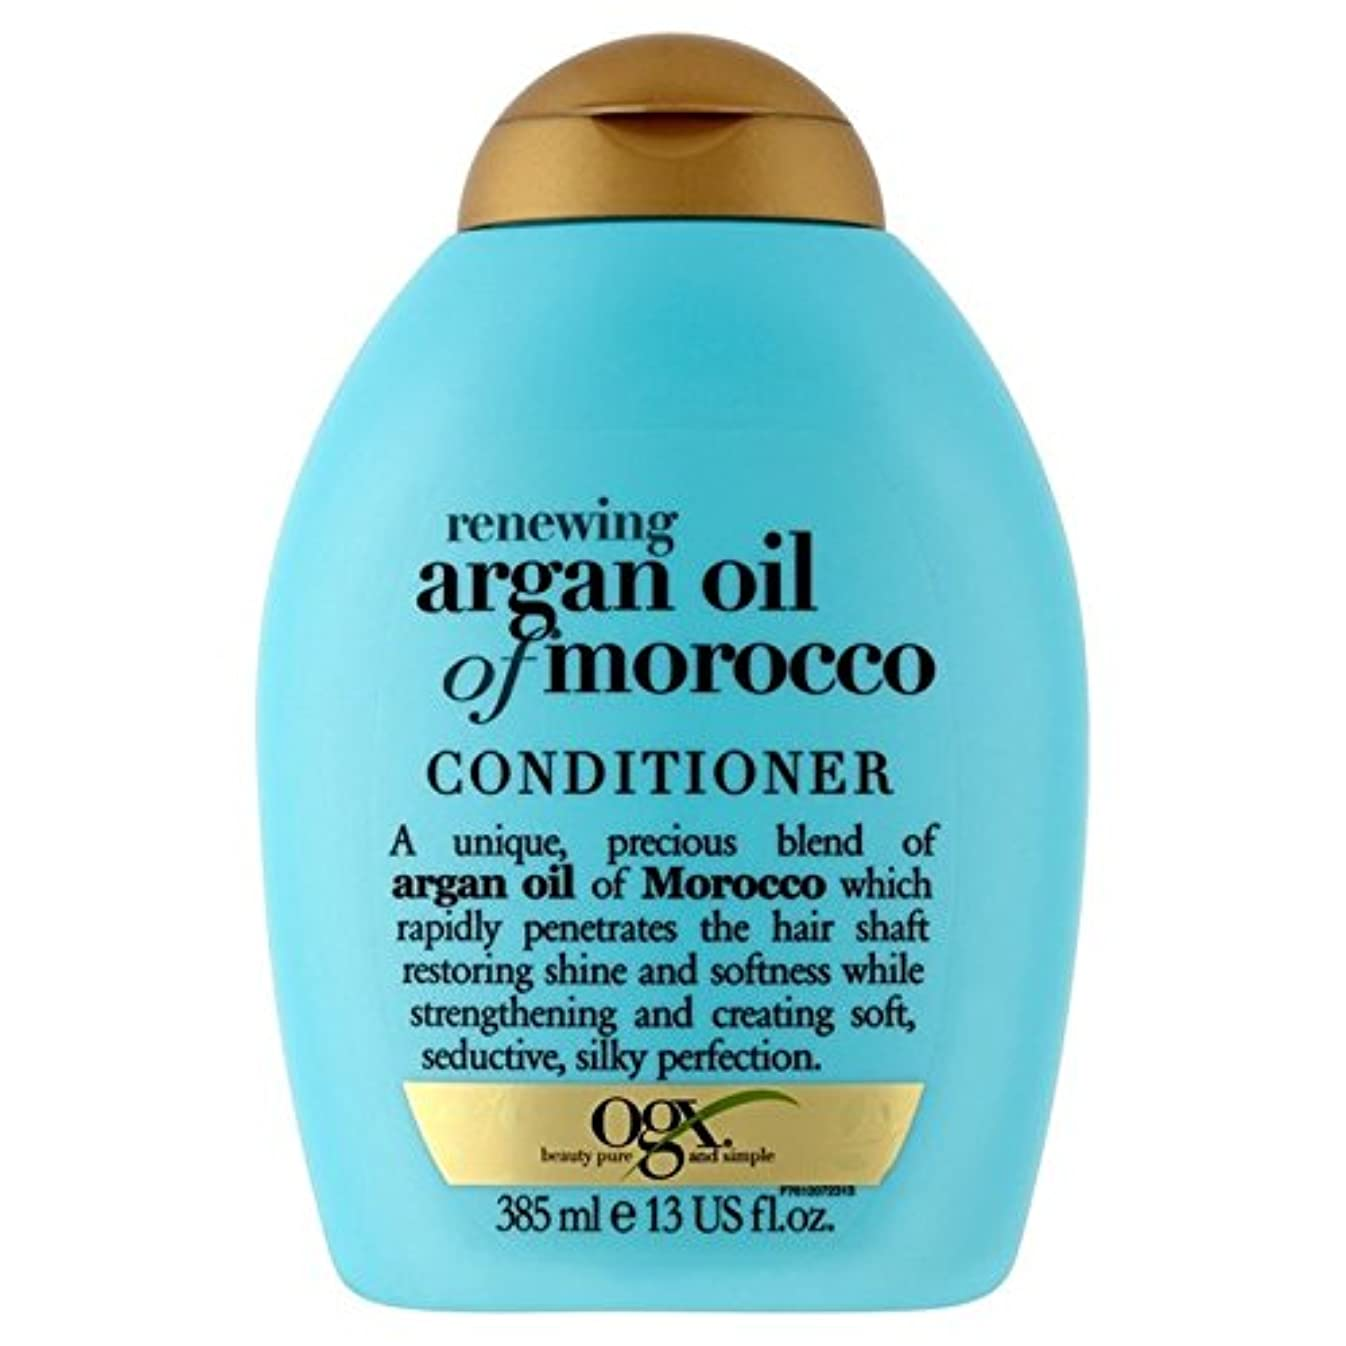 補償光電事件、出来事モロッコのアルガンオイルコンディショナー385ミリリットル x4 - Ogx Moroccan Argan Oil Conditioner 385ml (Pack of 4) [並行輸入品]